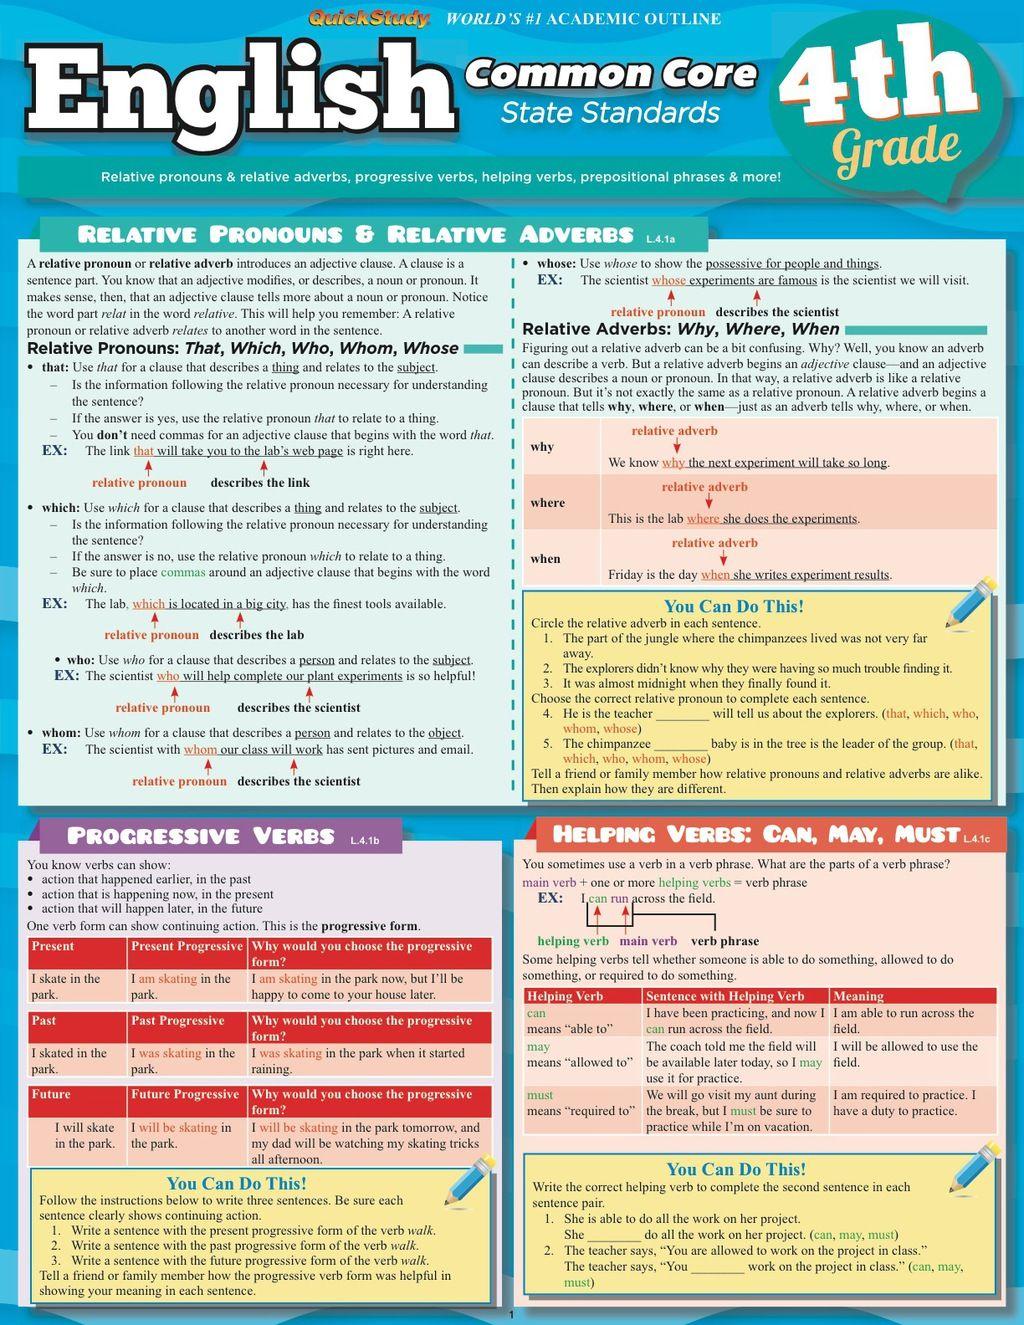 Quickstudy English Common Core 4th Grade Ebook Rental